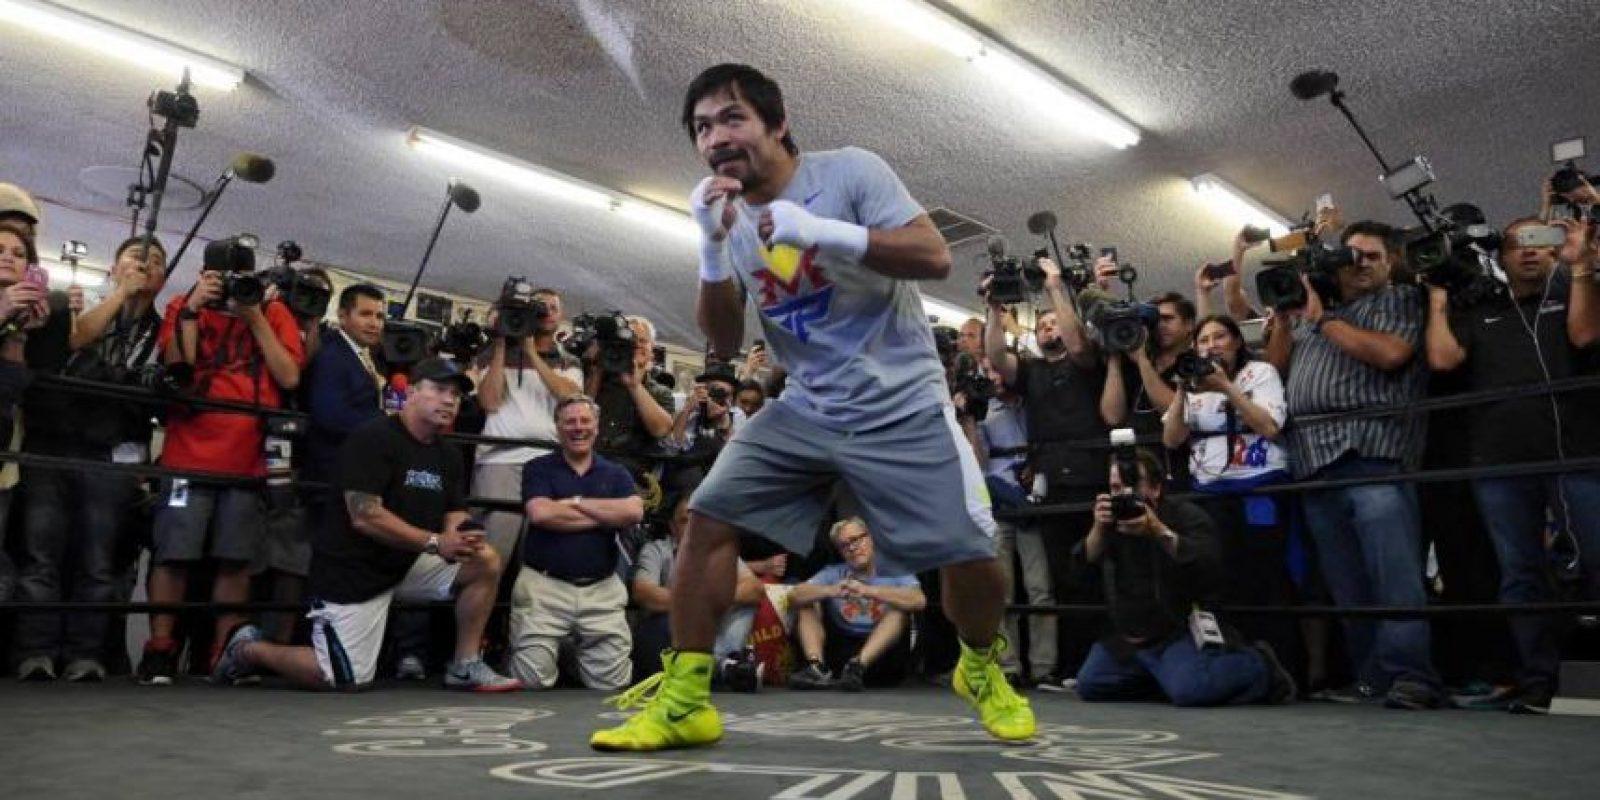 """Tras la pelea, """"Pacman"""" se llevará el 40% de las ganancias, mientras que para """"Money"""" serán el 60%. Foto:Vía facebook.com/MannyPacquiao"""